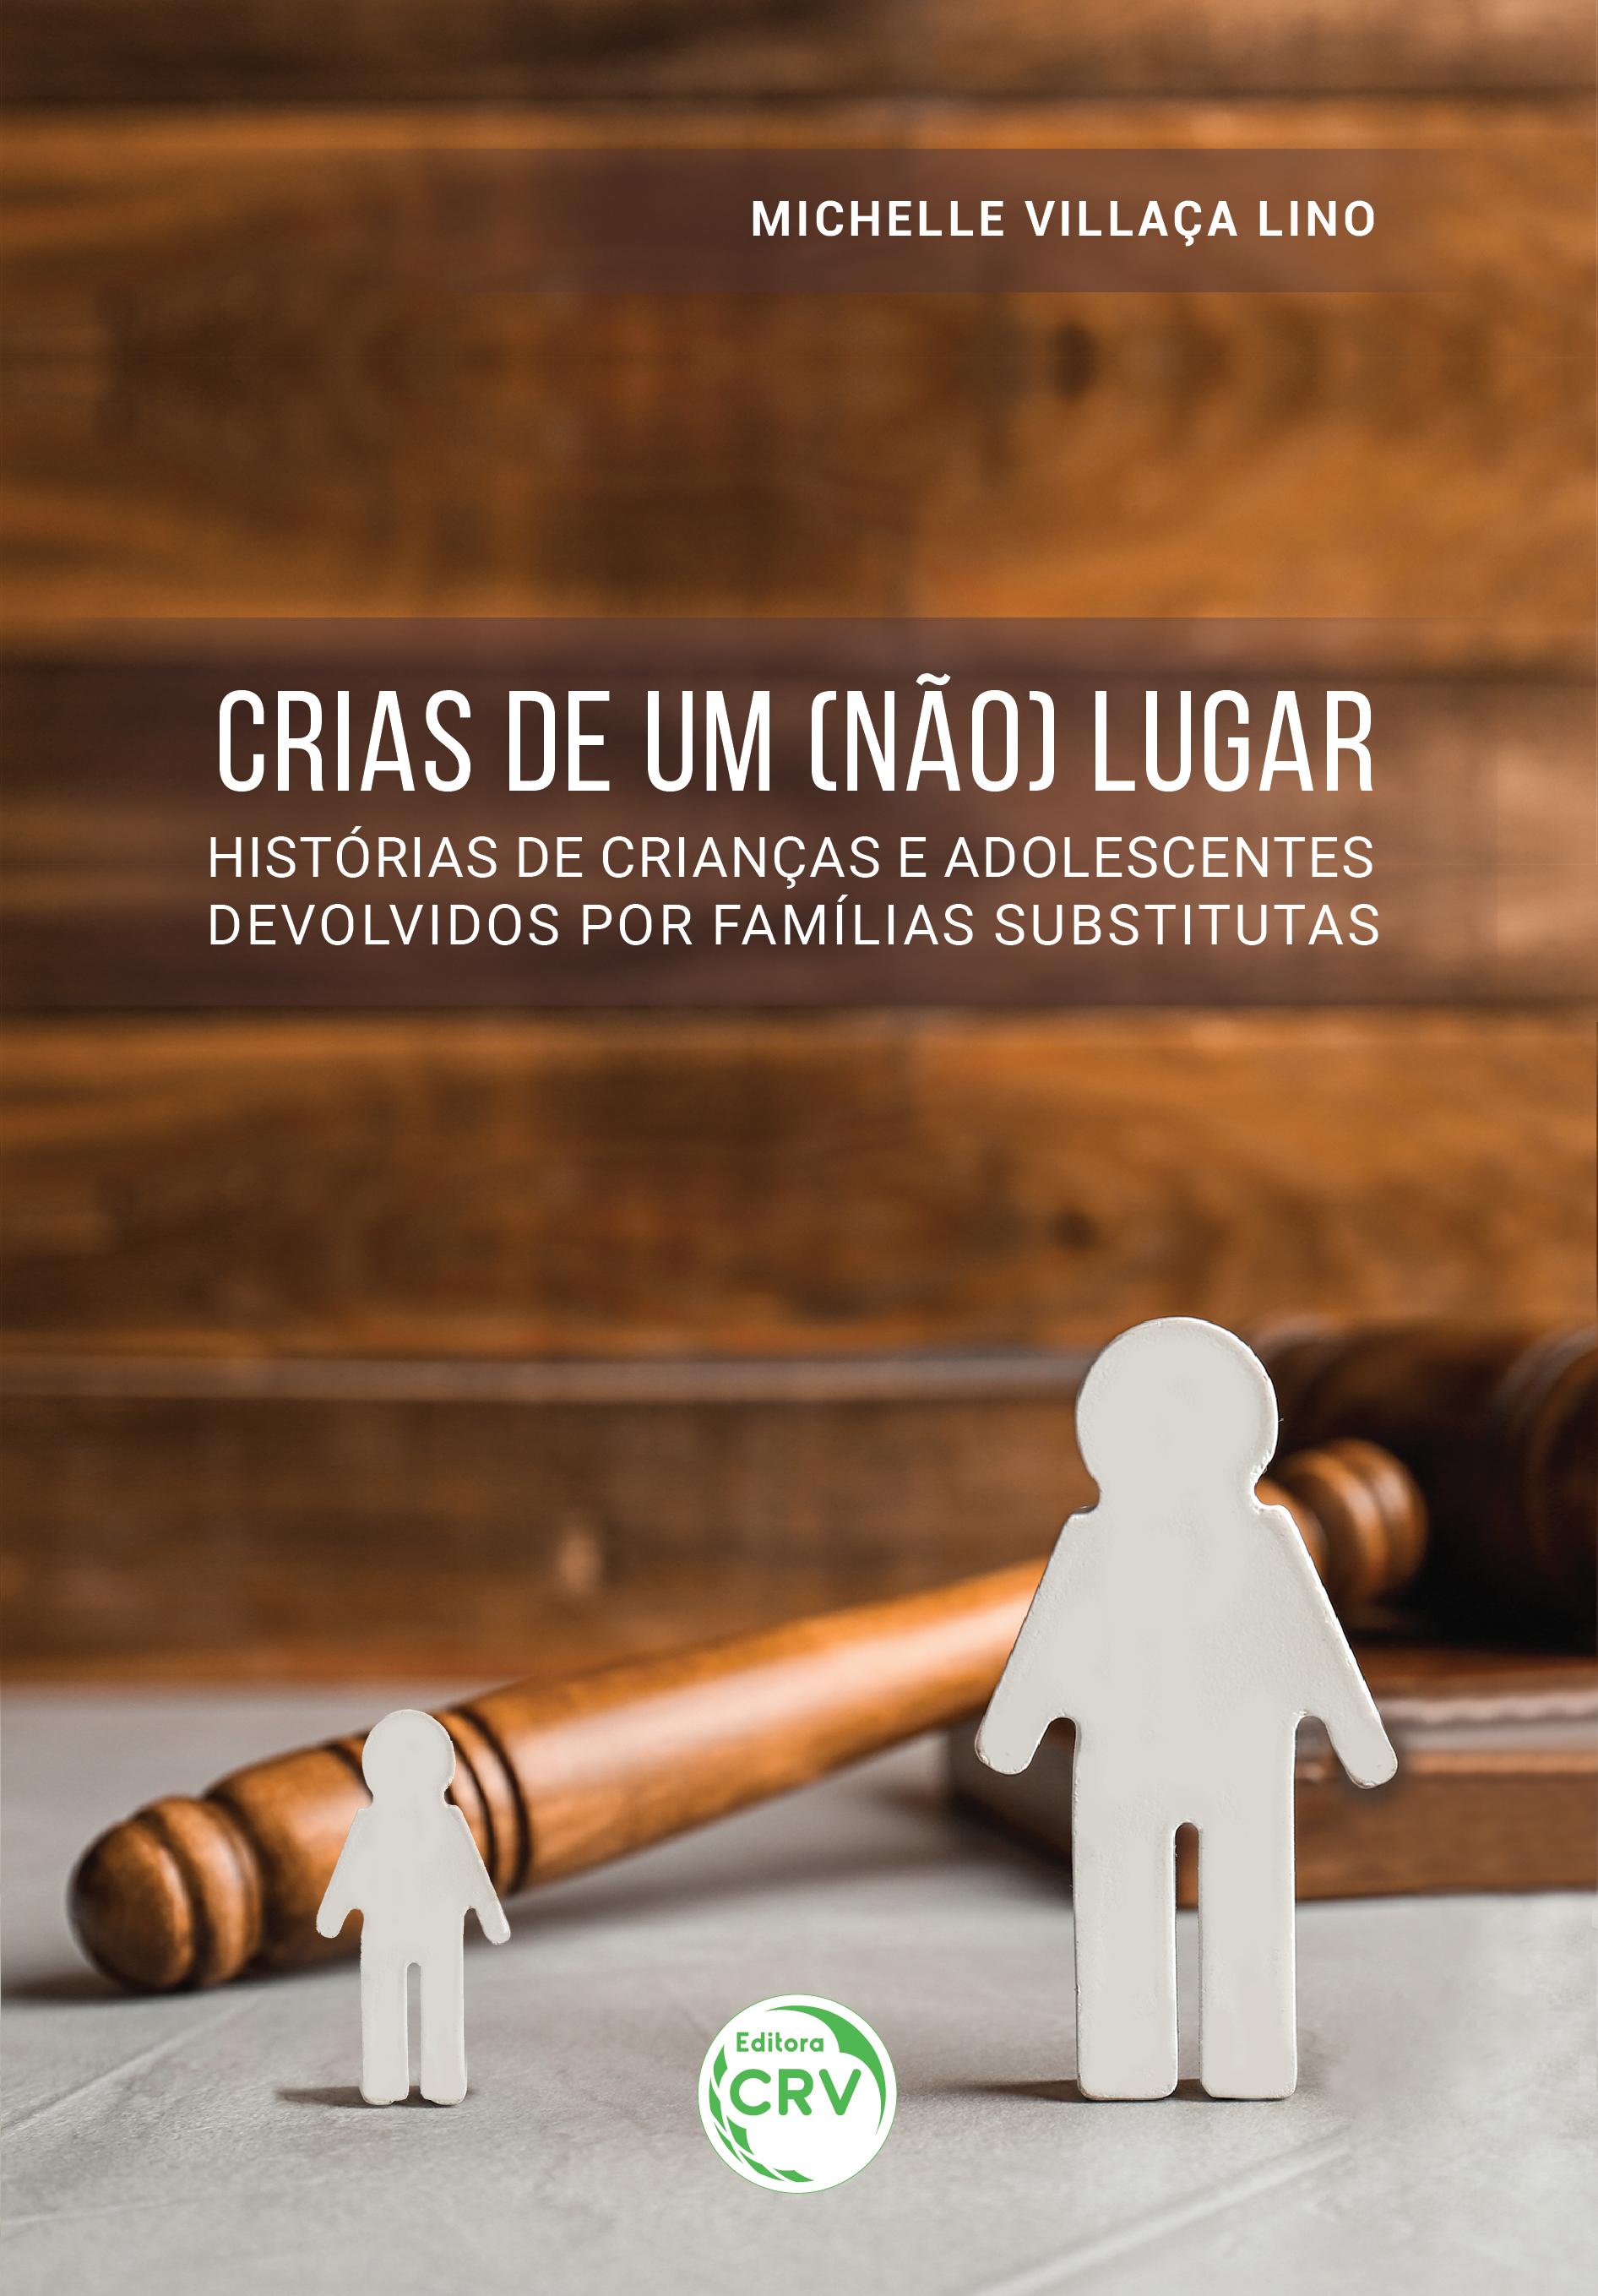 Capa do livro: CRIAS DE UM (NÃO) LUGAR: <br> Histórias de crianças e adolescentes devolvidos por famílias substitutas